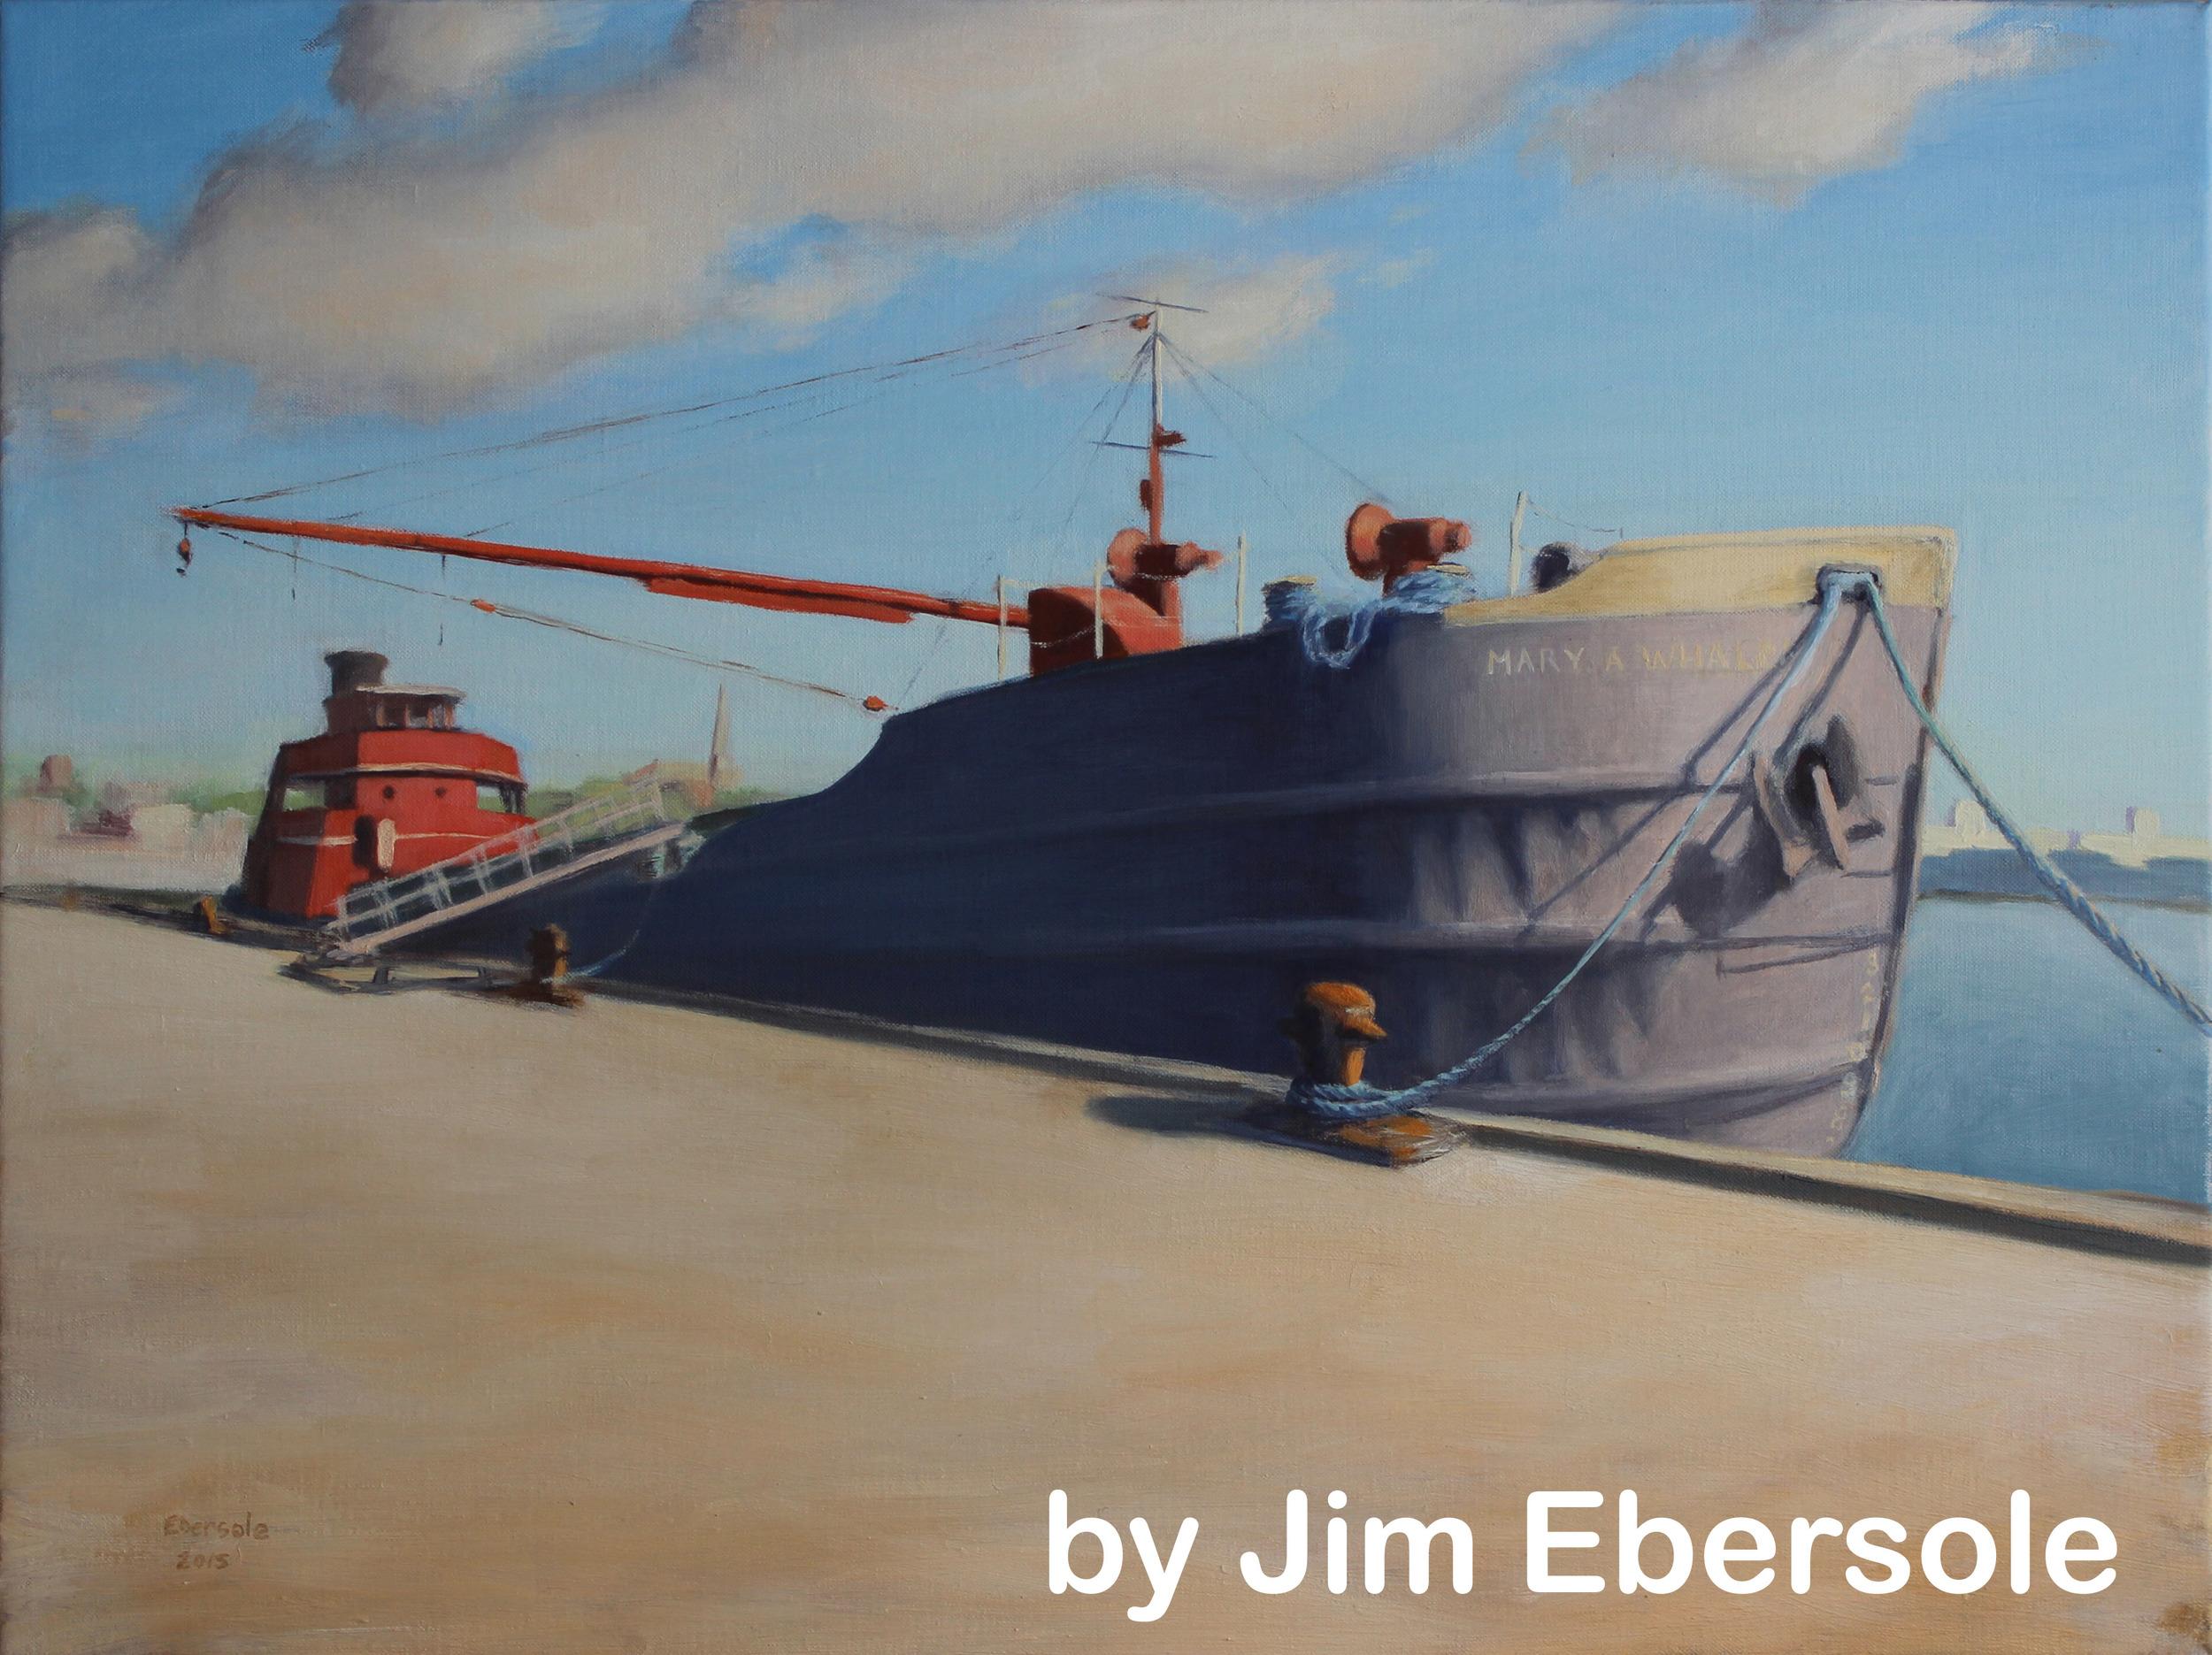 IMG_2773 w-Jim Ebersole name.jpg